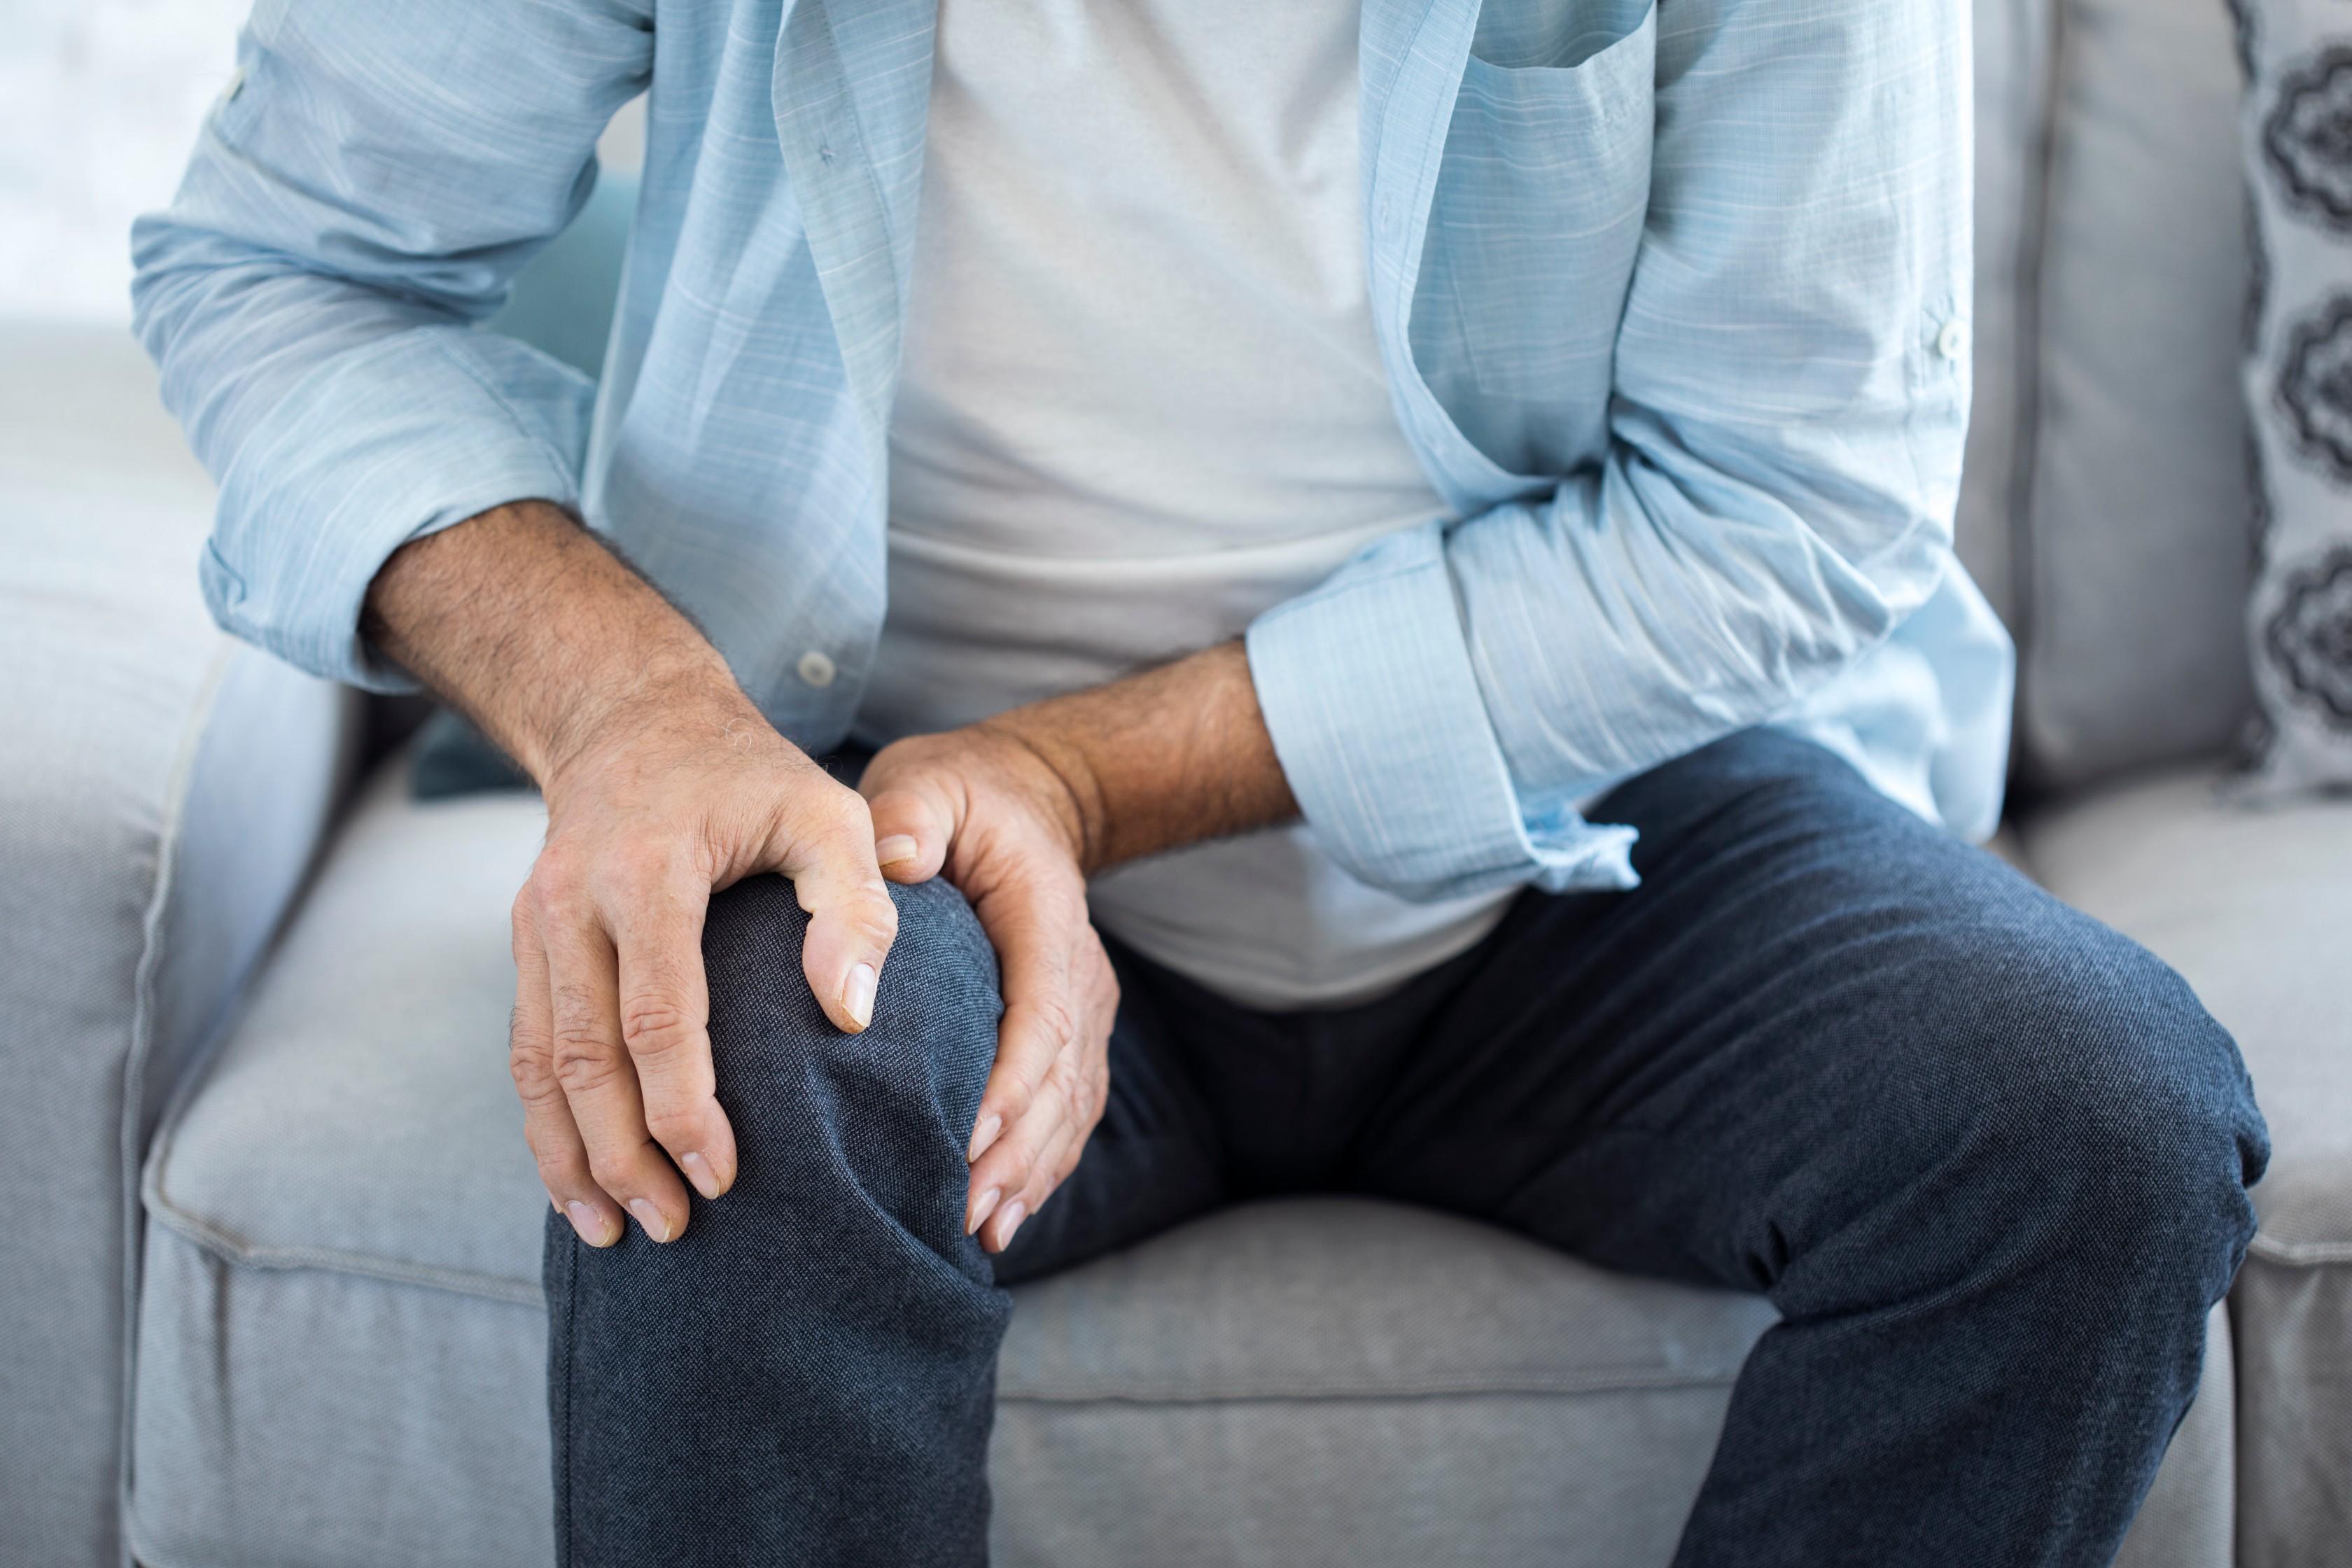 Mi okozhatja a problémát? - Fertőző betegségek